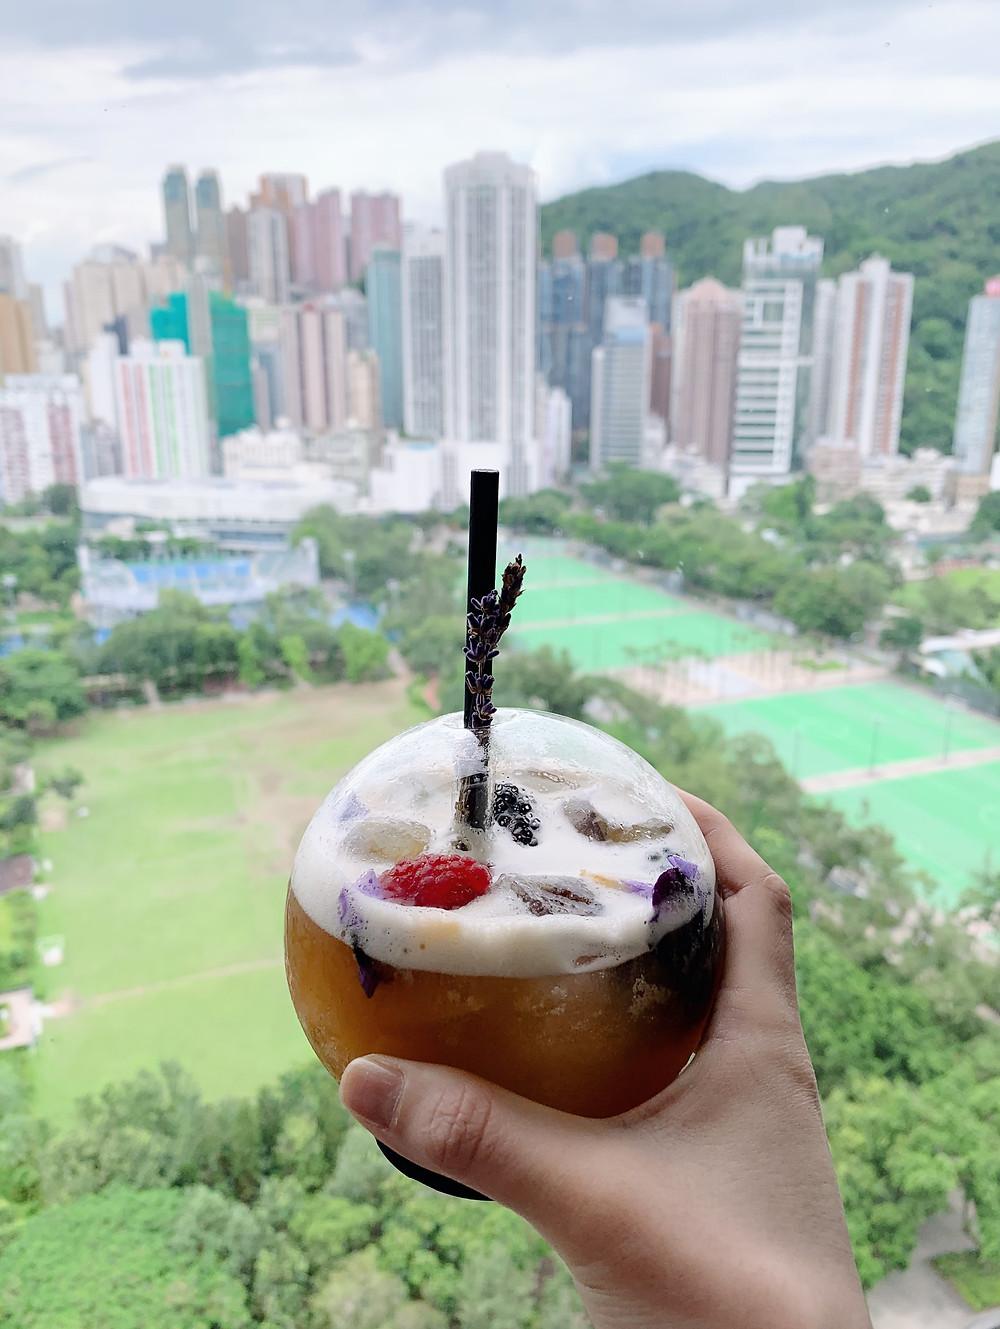 Cocktail at at Skye bar and restaurant at the Park Lane Hotel in Hong Kong